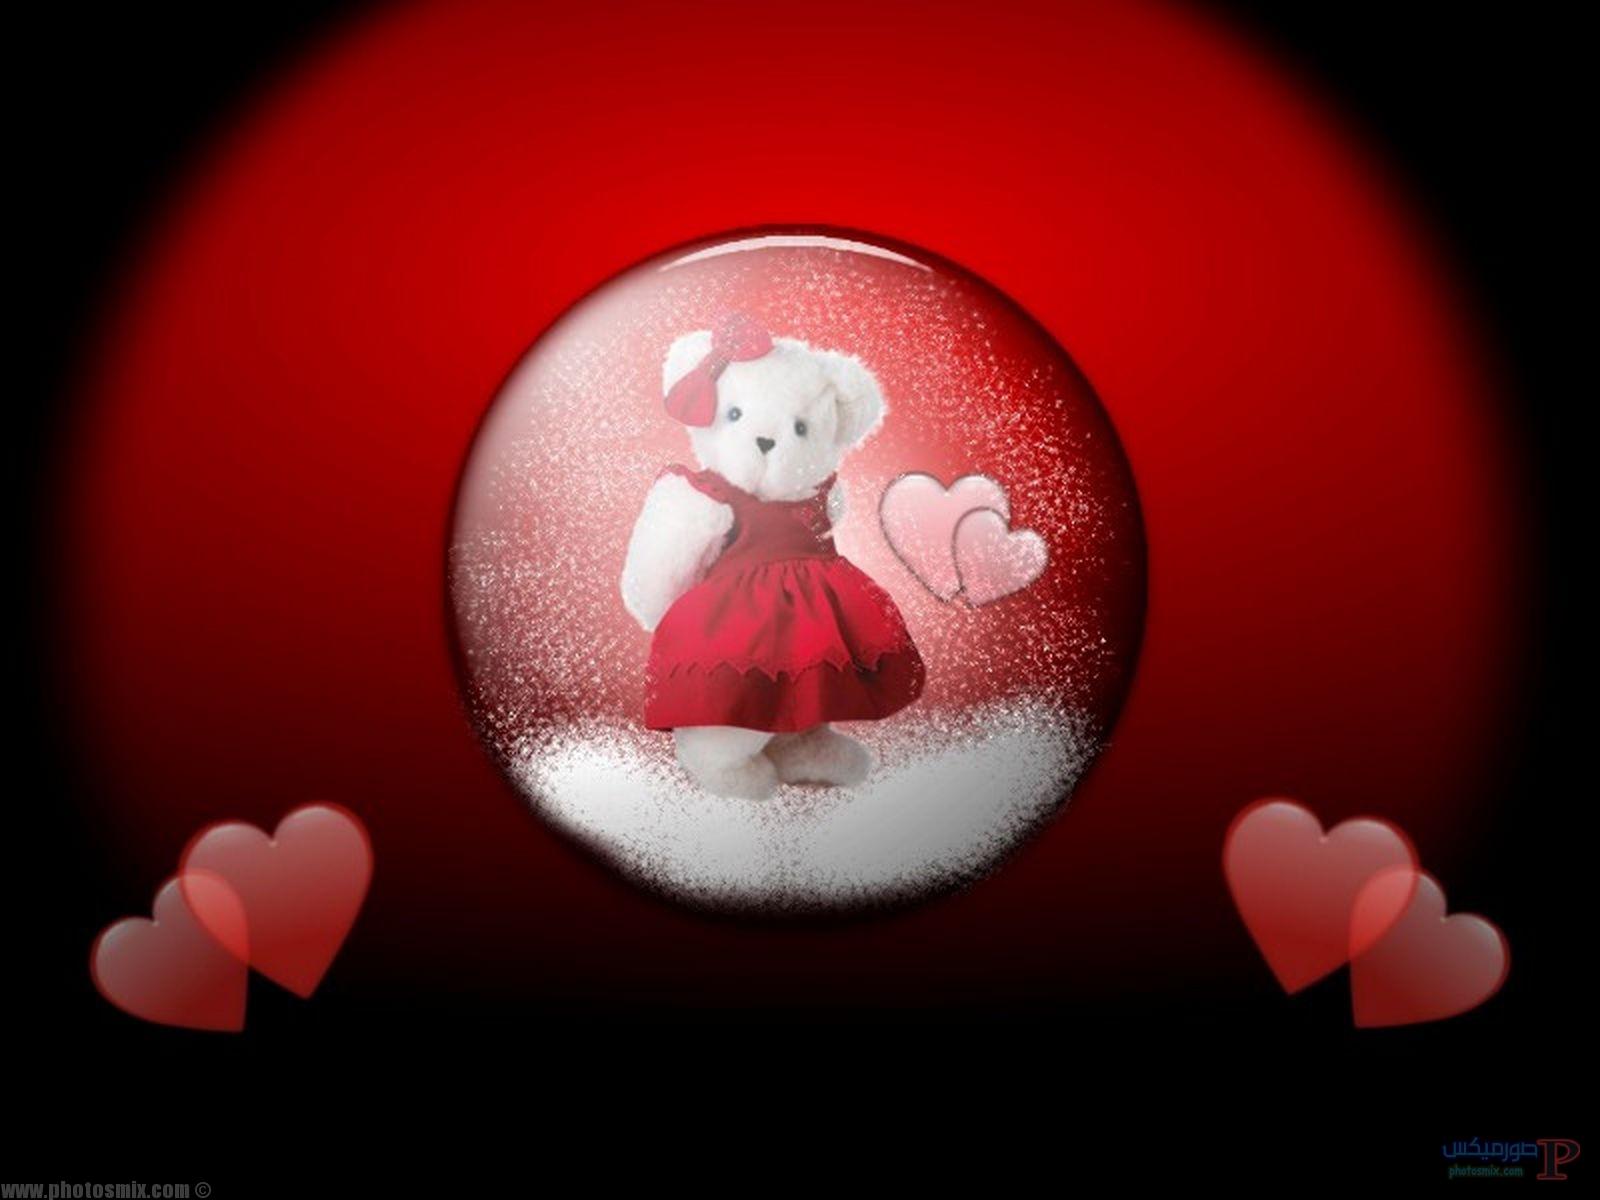 قلوب رمانسية 7